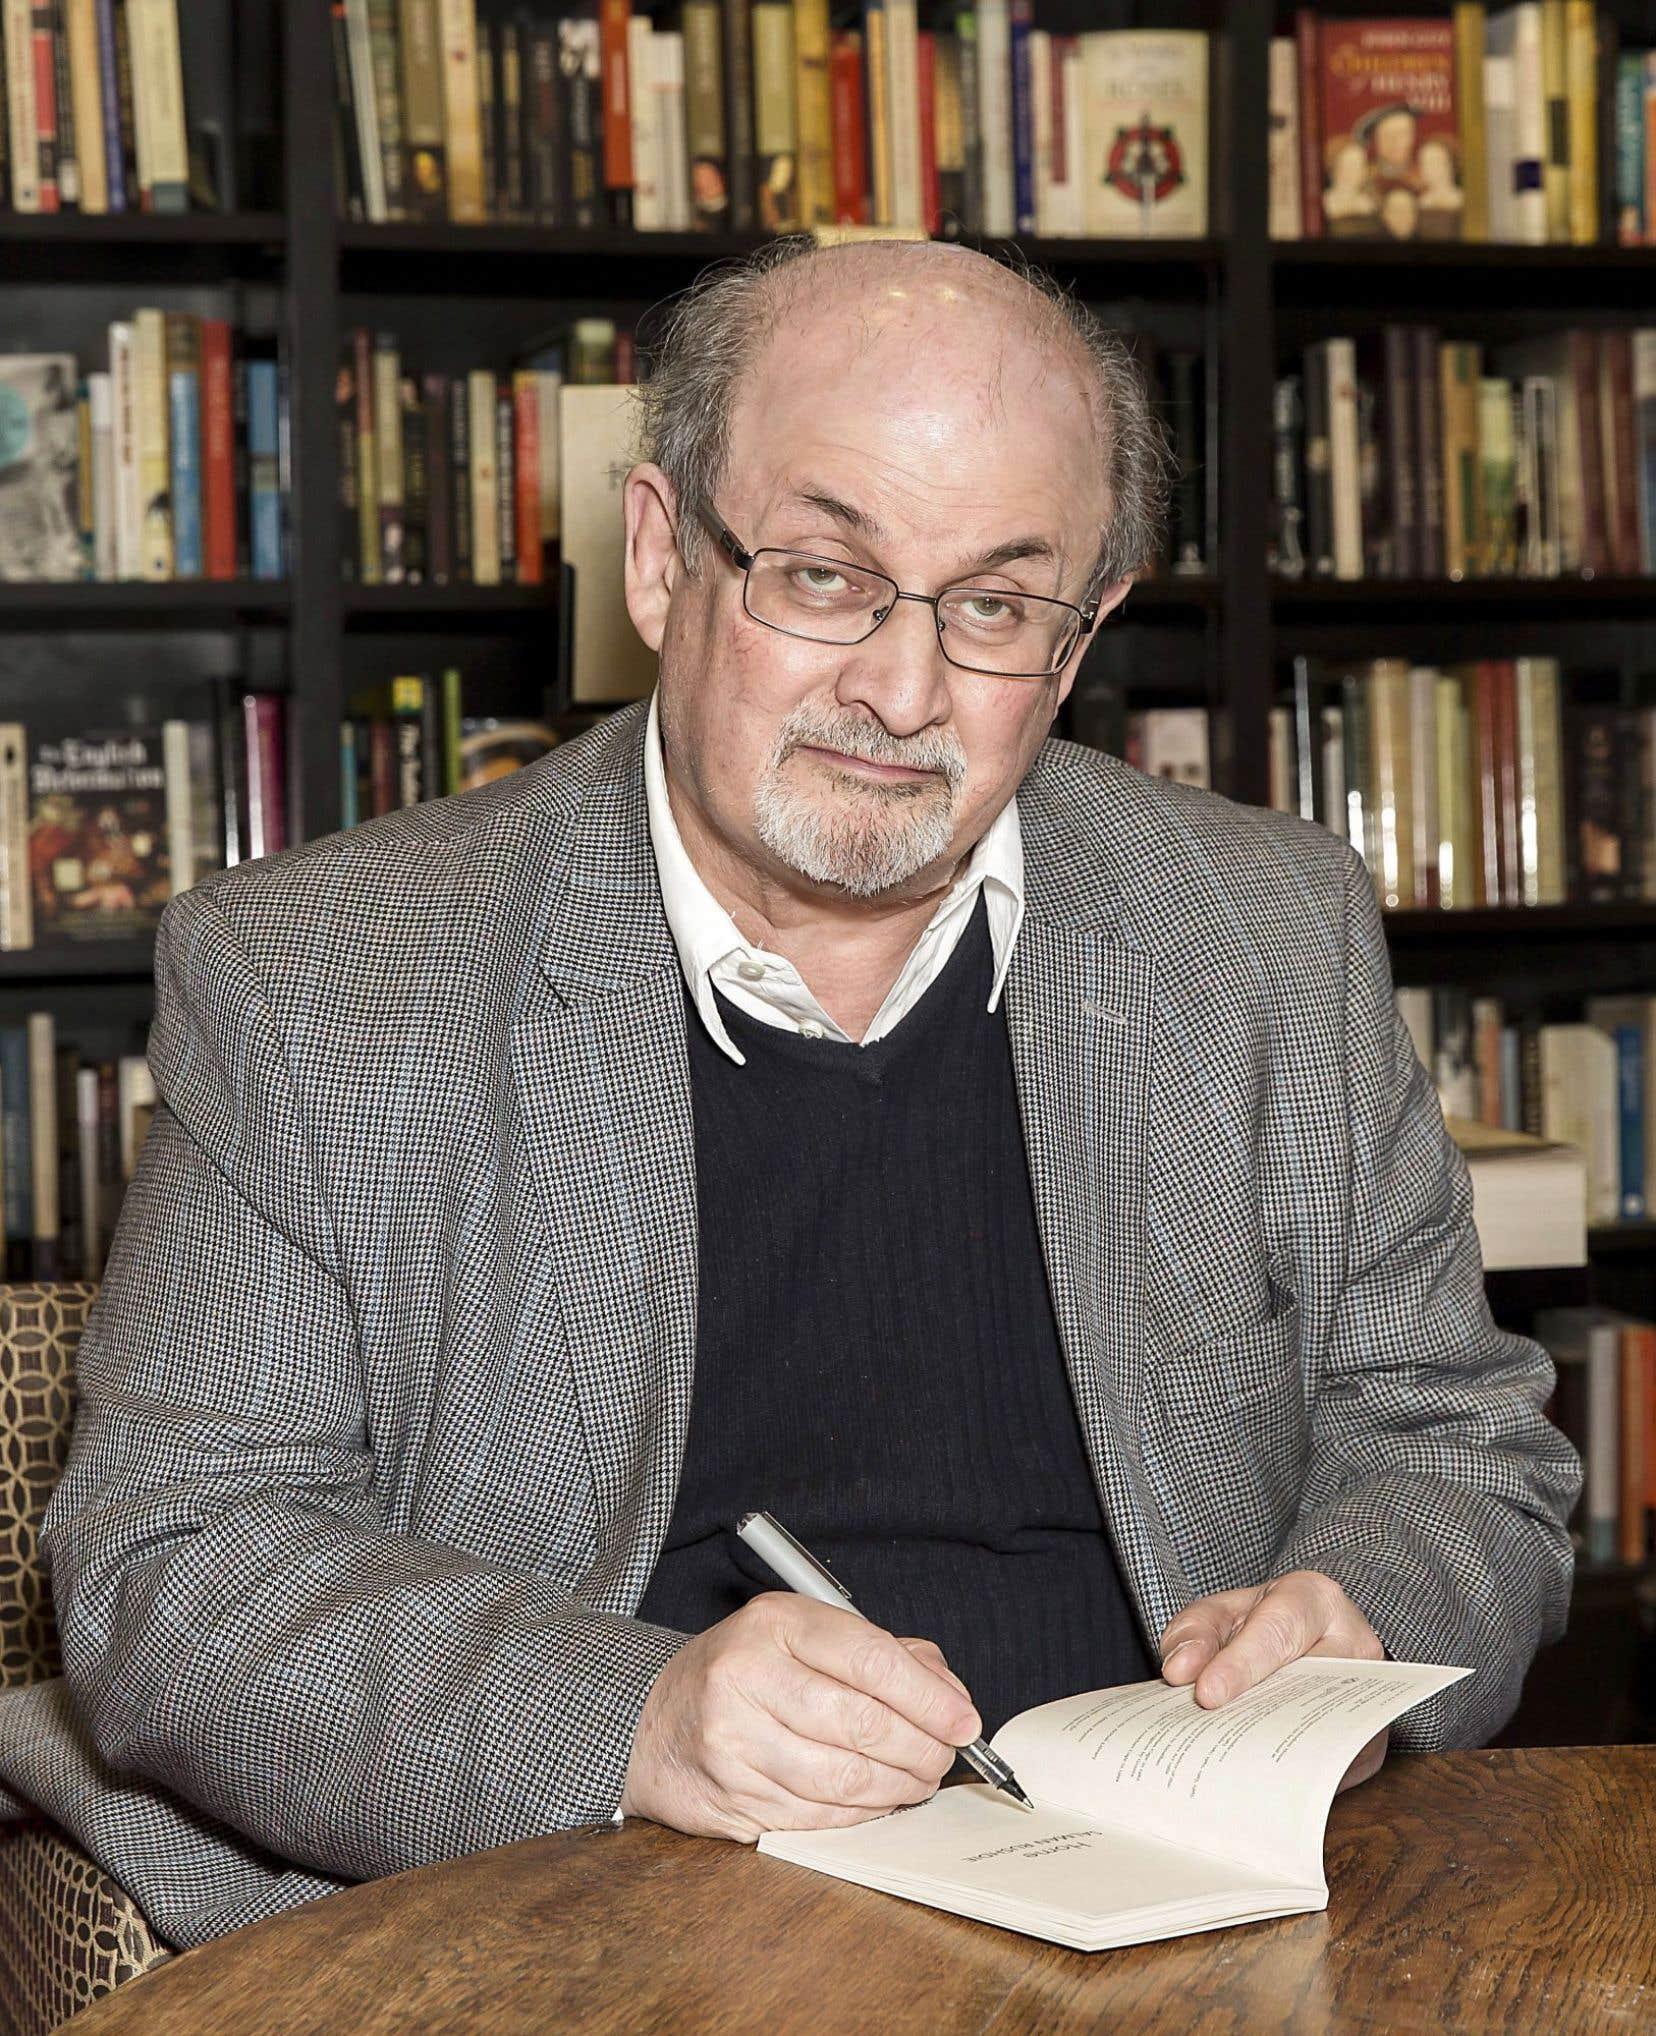 Selon Rushdie, le dijhad n'est pas ce que des théoriciens qualifient de révolte nihiliste qui prendrait l'islam comme véhicule utilitaire.